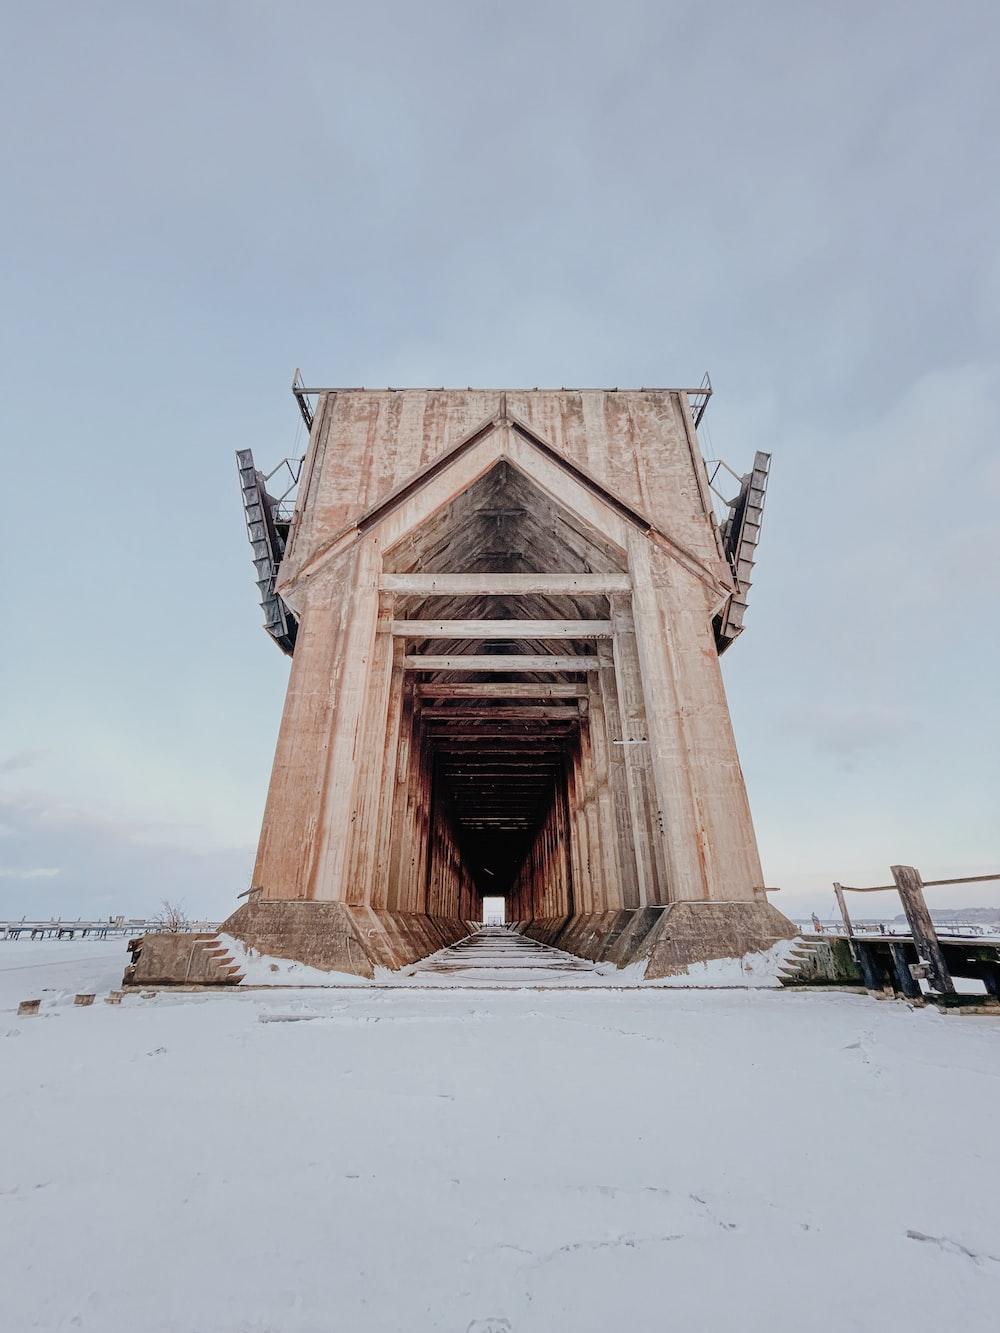 brown wooden bridge under white sky during daytime